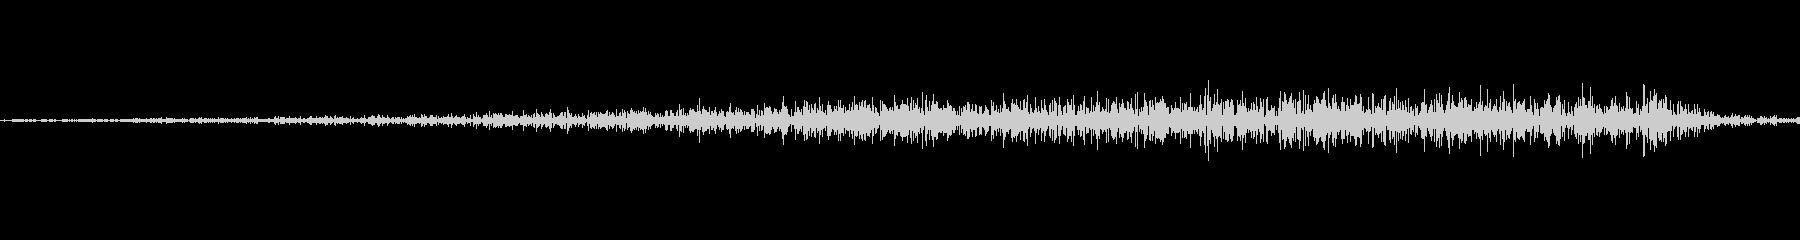 スワイプ音(シューッ)の未再生の波形